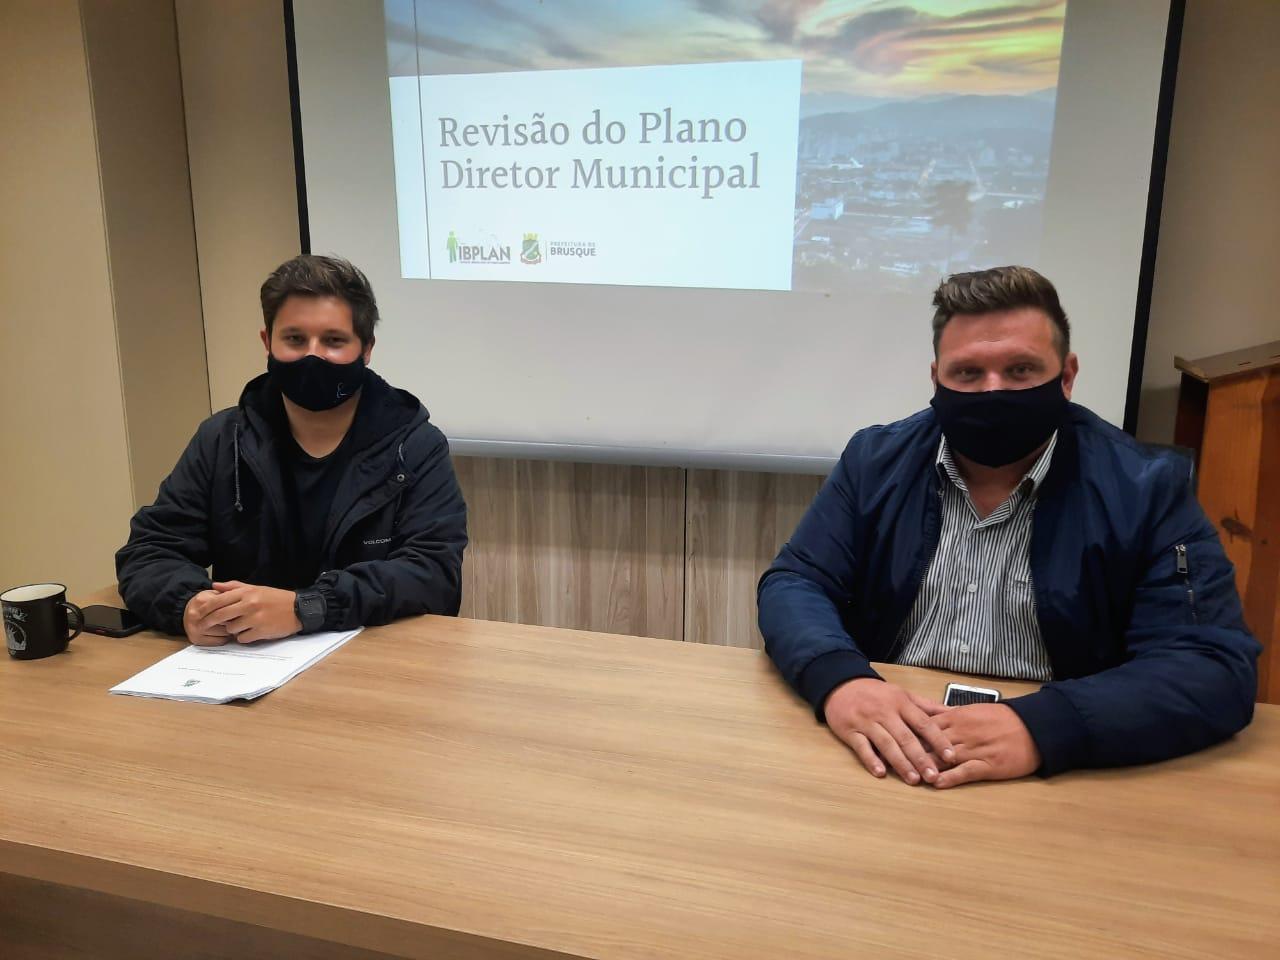 Revisão do Plano diretor é tema de reunião na Prefeitura de Brusque